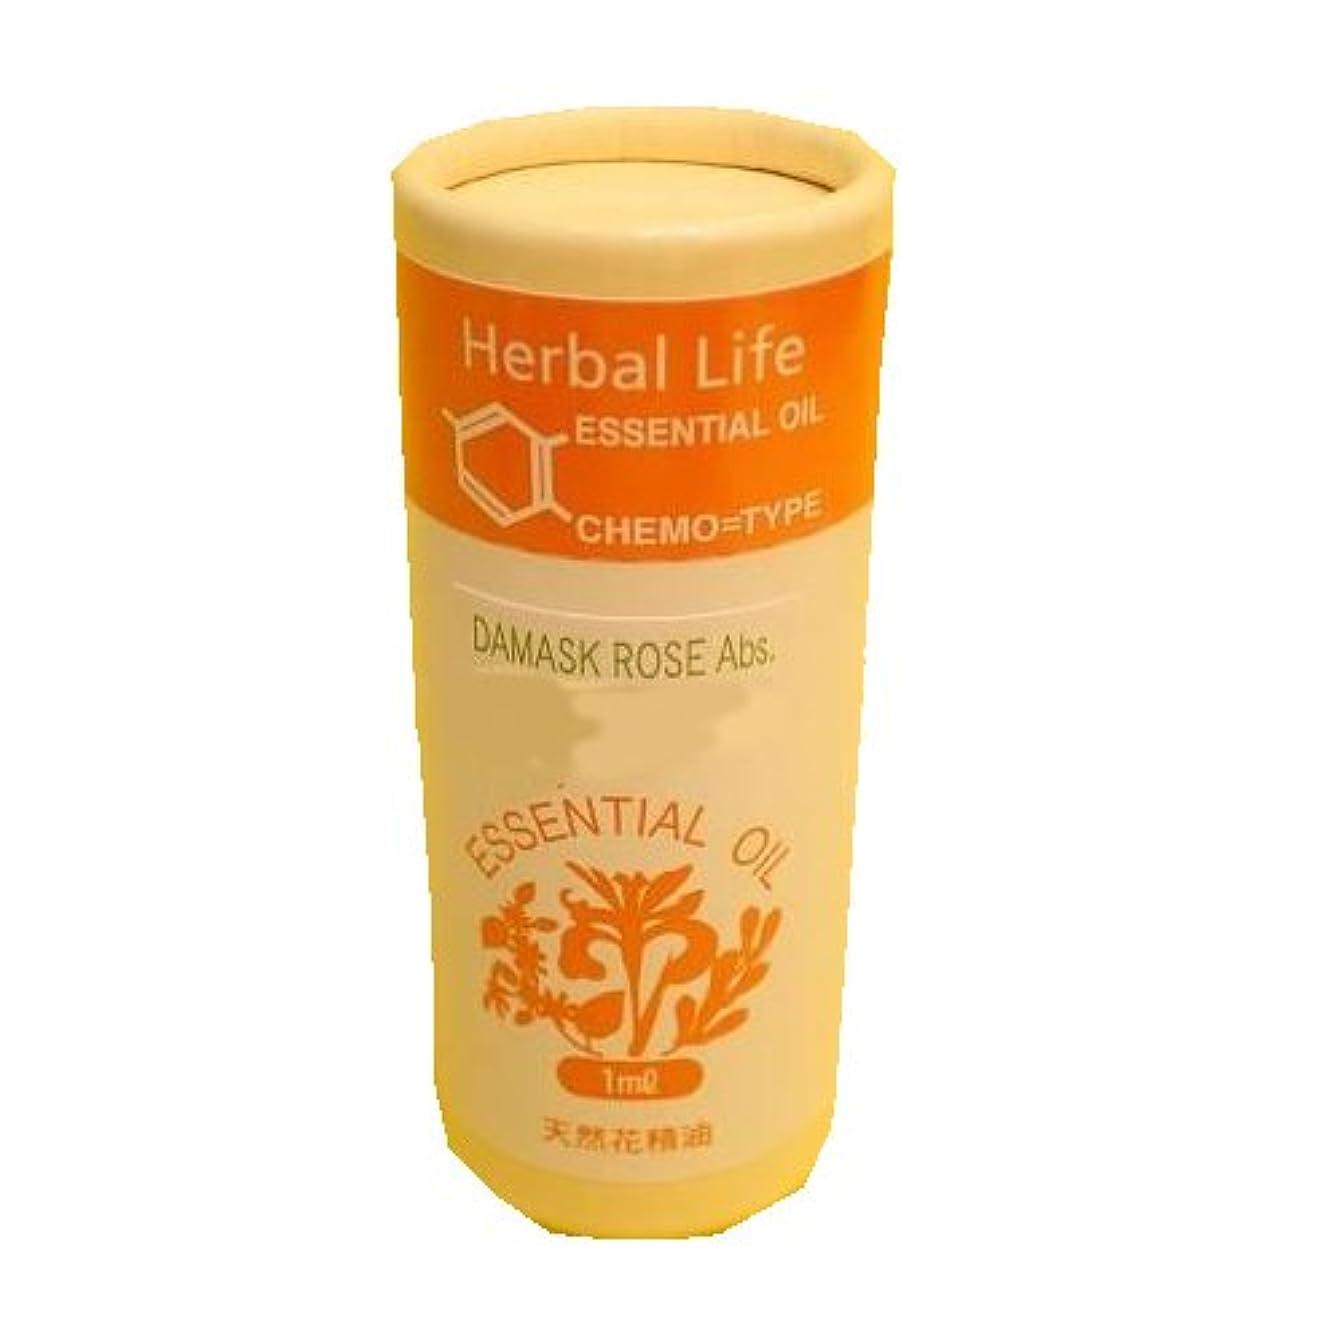 下線囲むメジャー生活の木 Herbal Life 花精油 ダマスクローズAbs. ブルガリア産 1ml